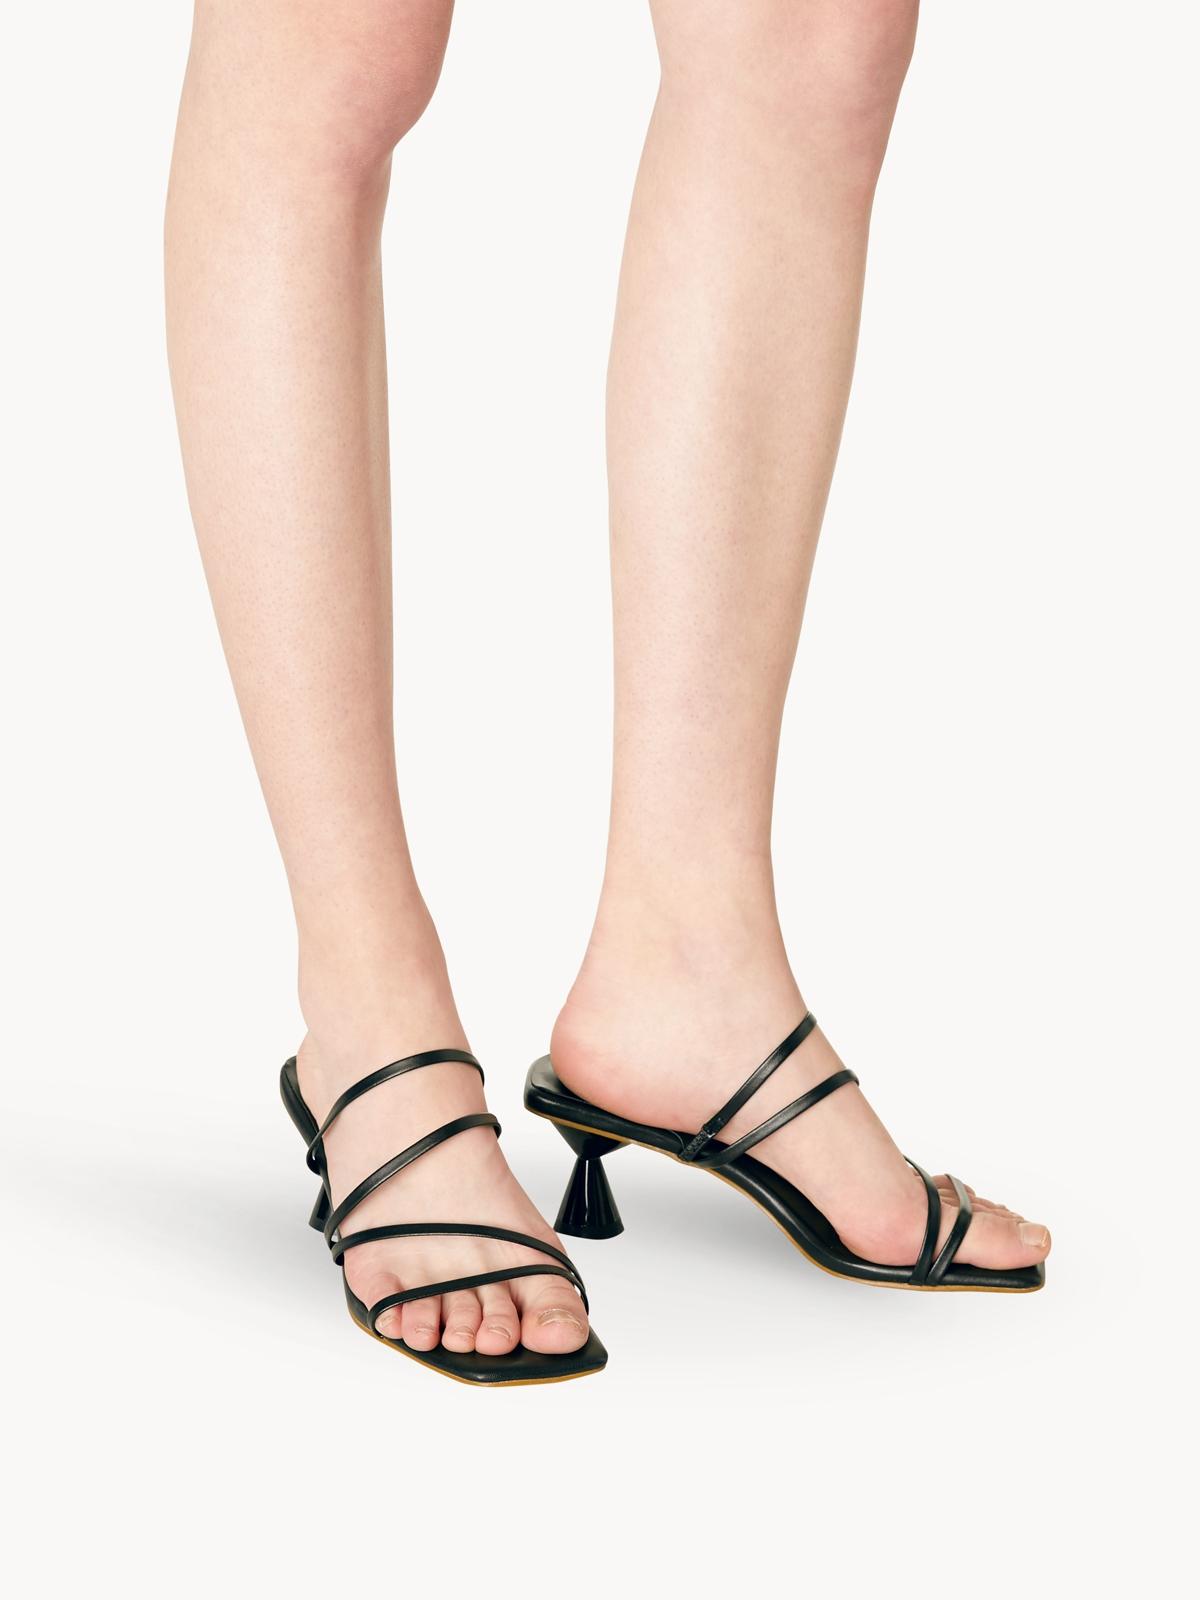 MINX Vera Strappy Open Toe Heels Black